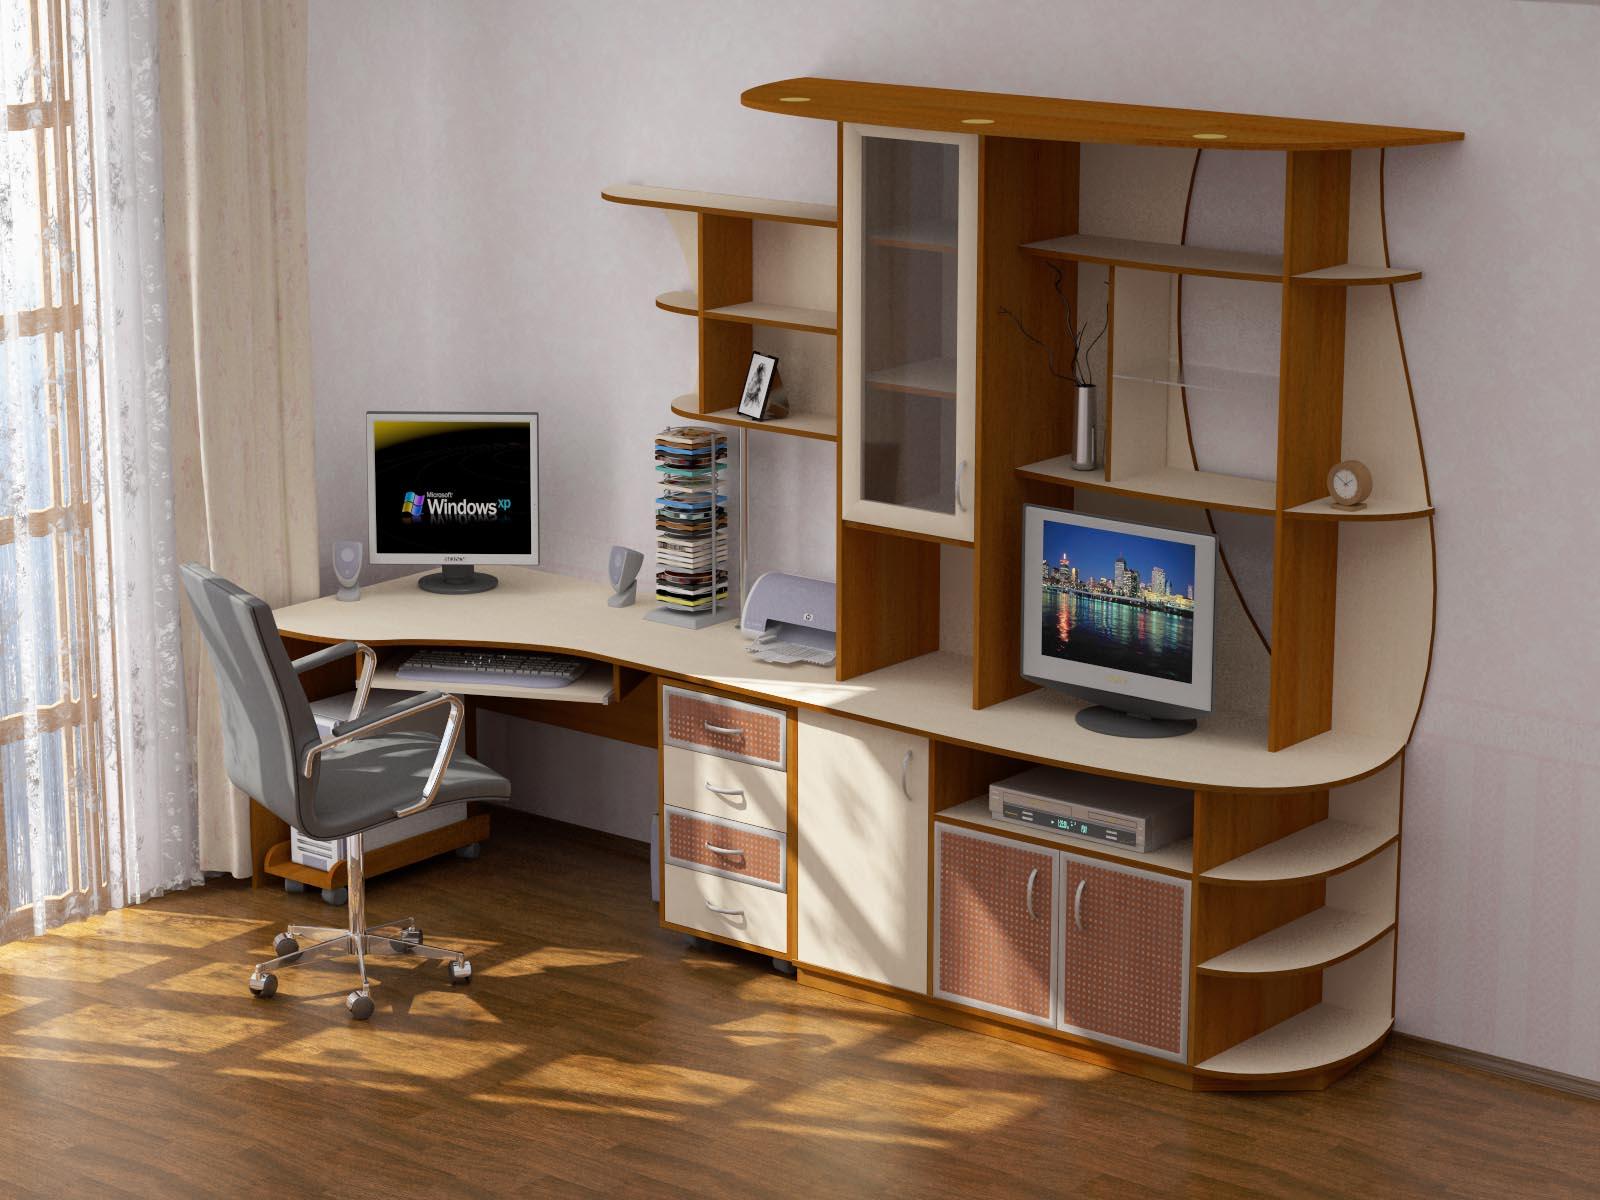 Уютая мебель и интерьер